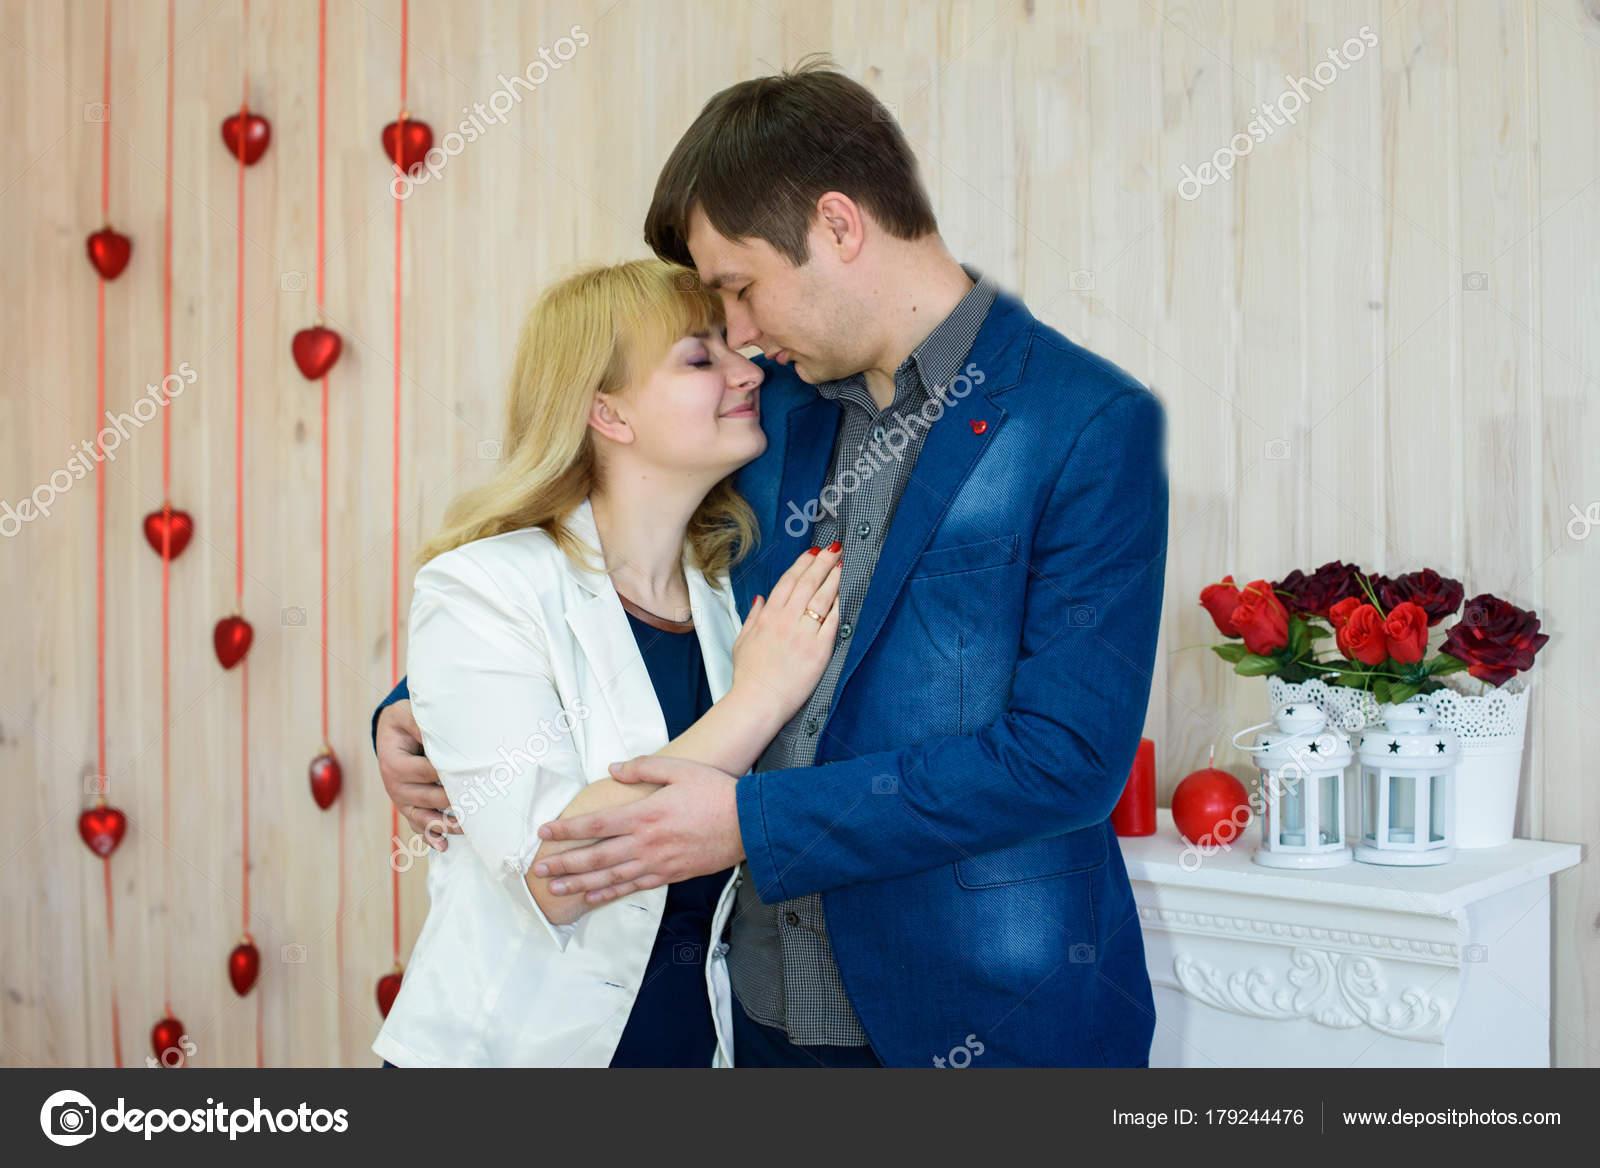 Romantisches Paar Verliebt Ein Zimmer Mit Roten Herzen Zum Valentinstag U2014  Stockfoto